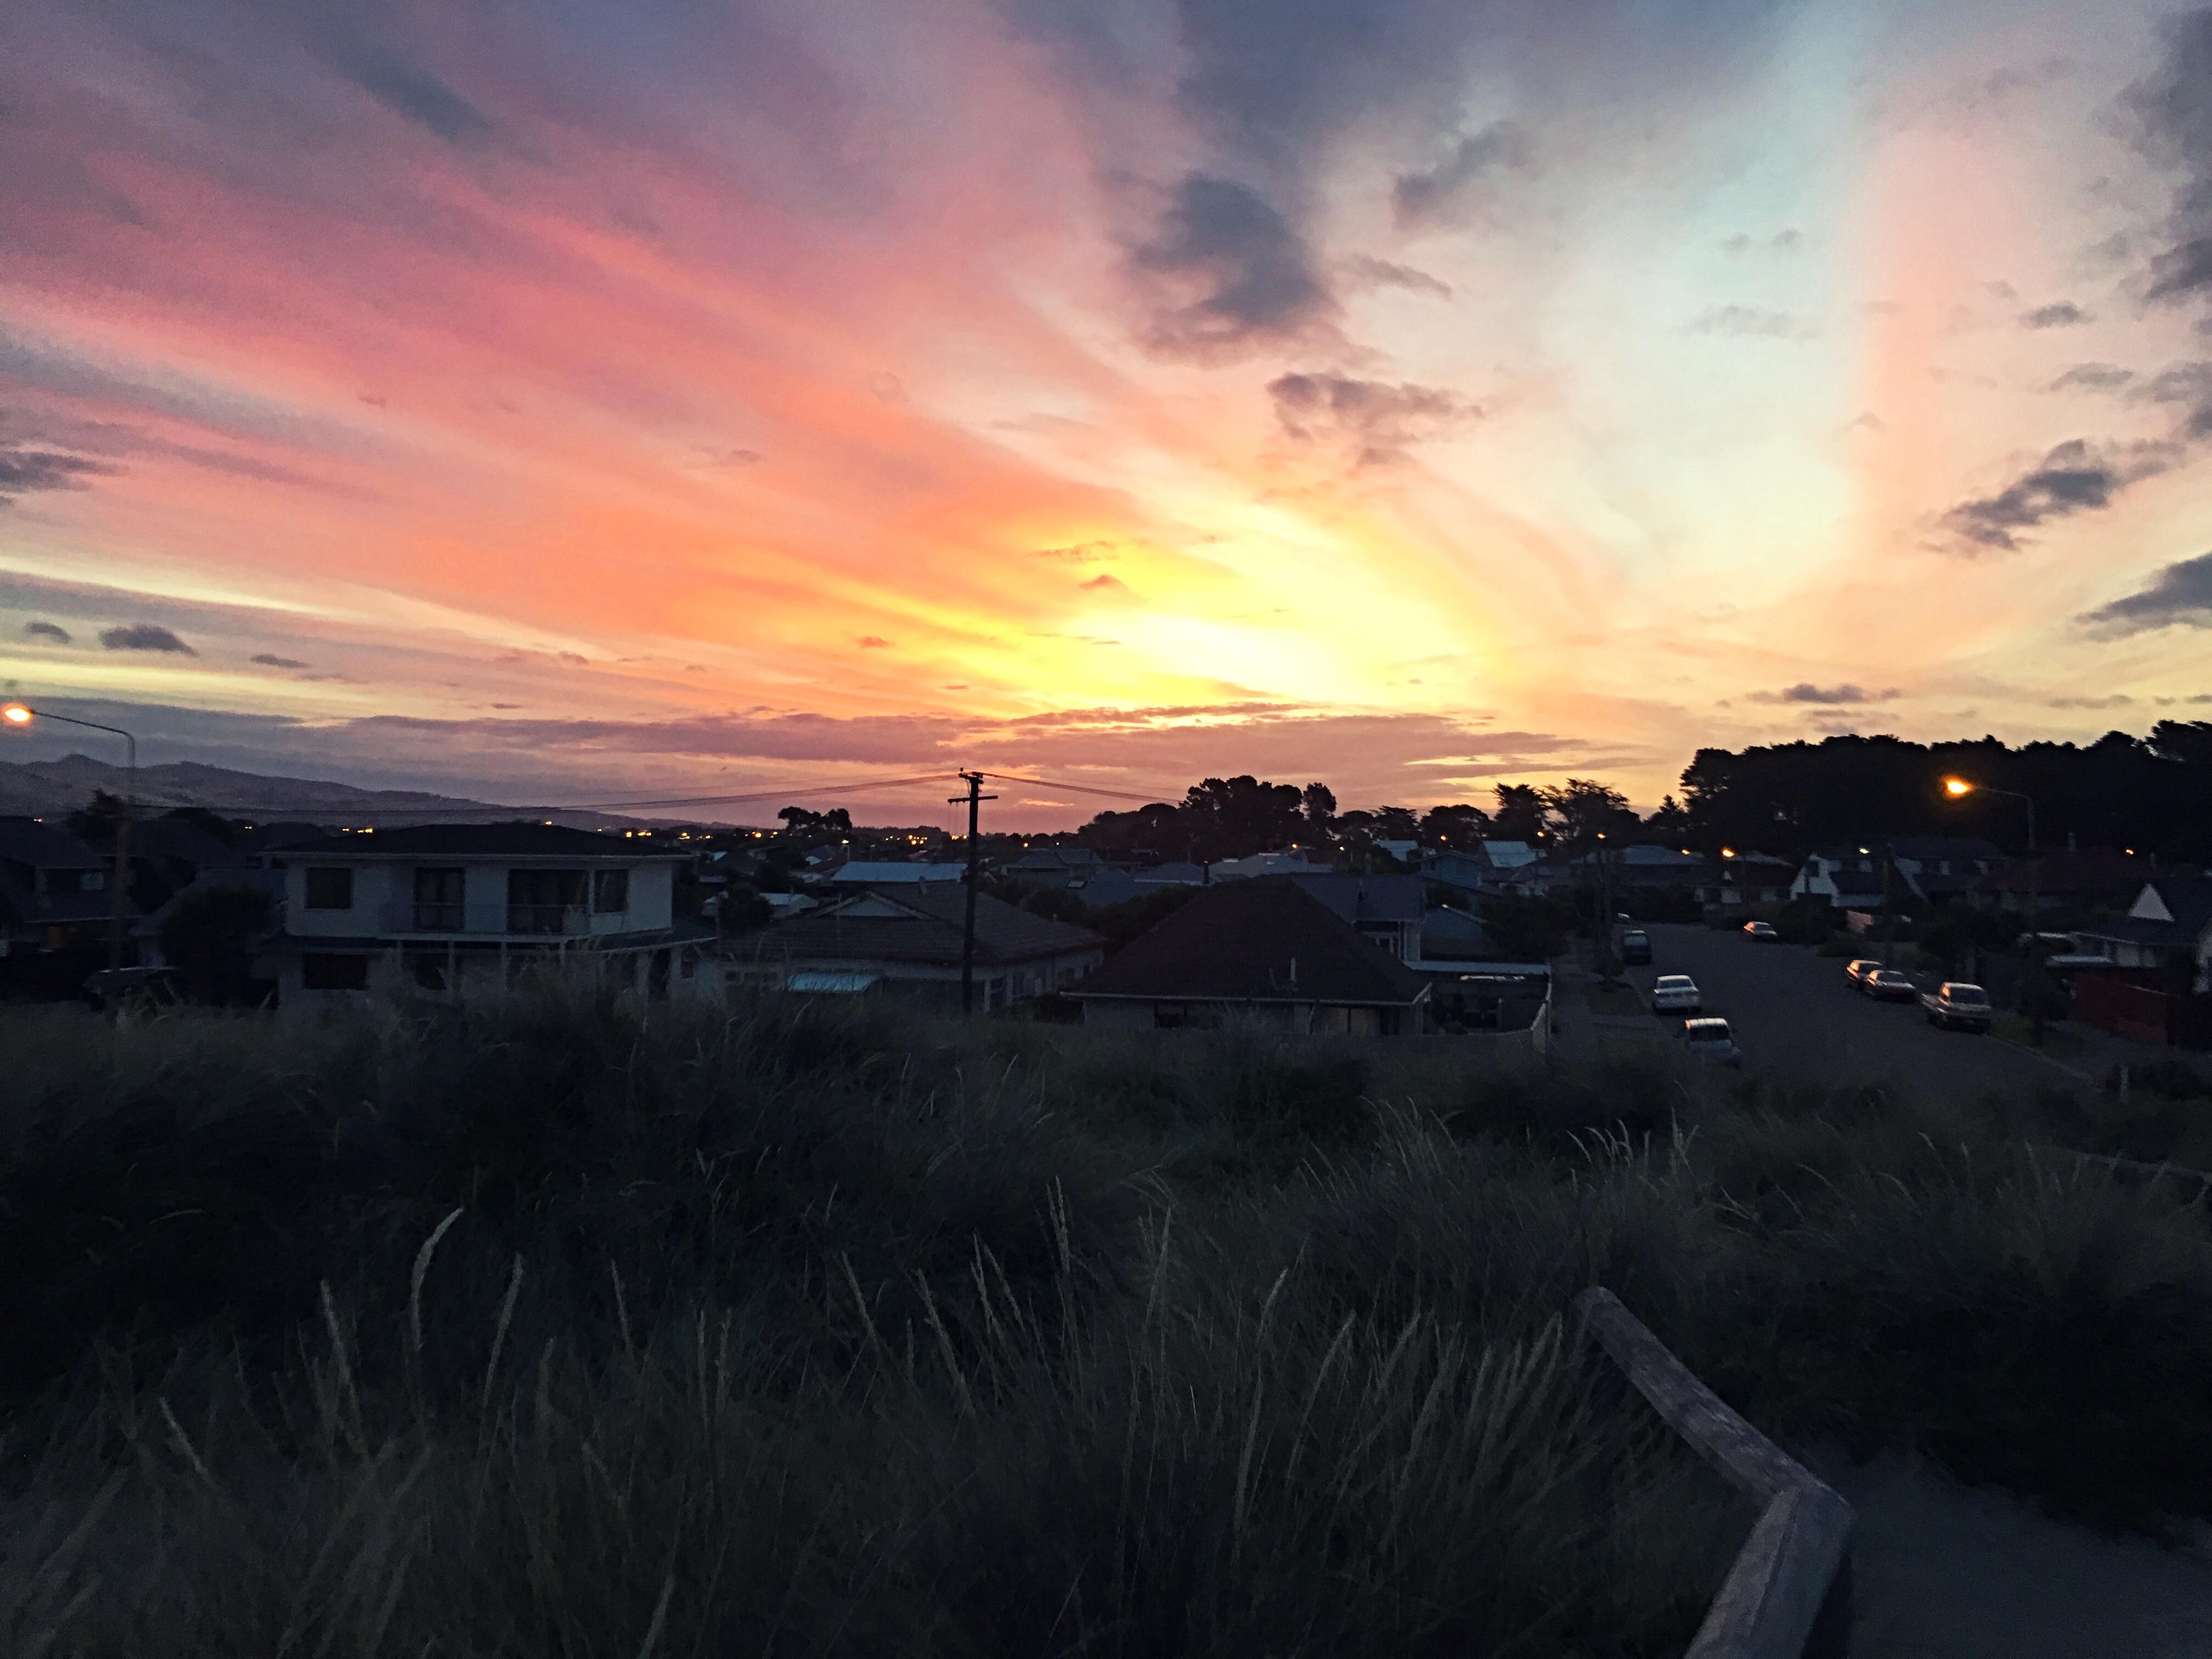 Sonnenuntergang bei unserer Ankunft